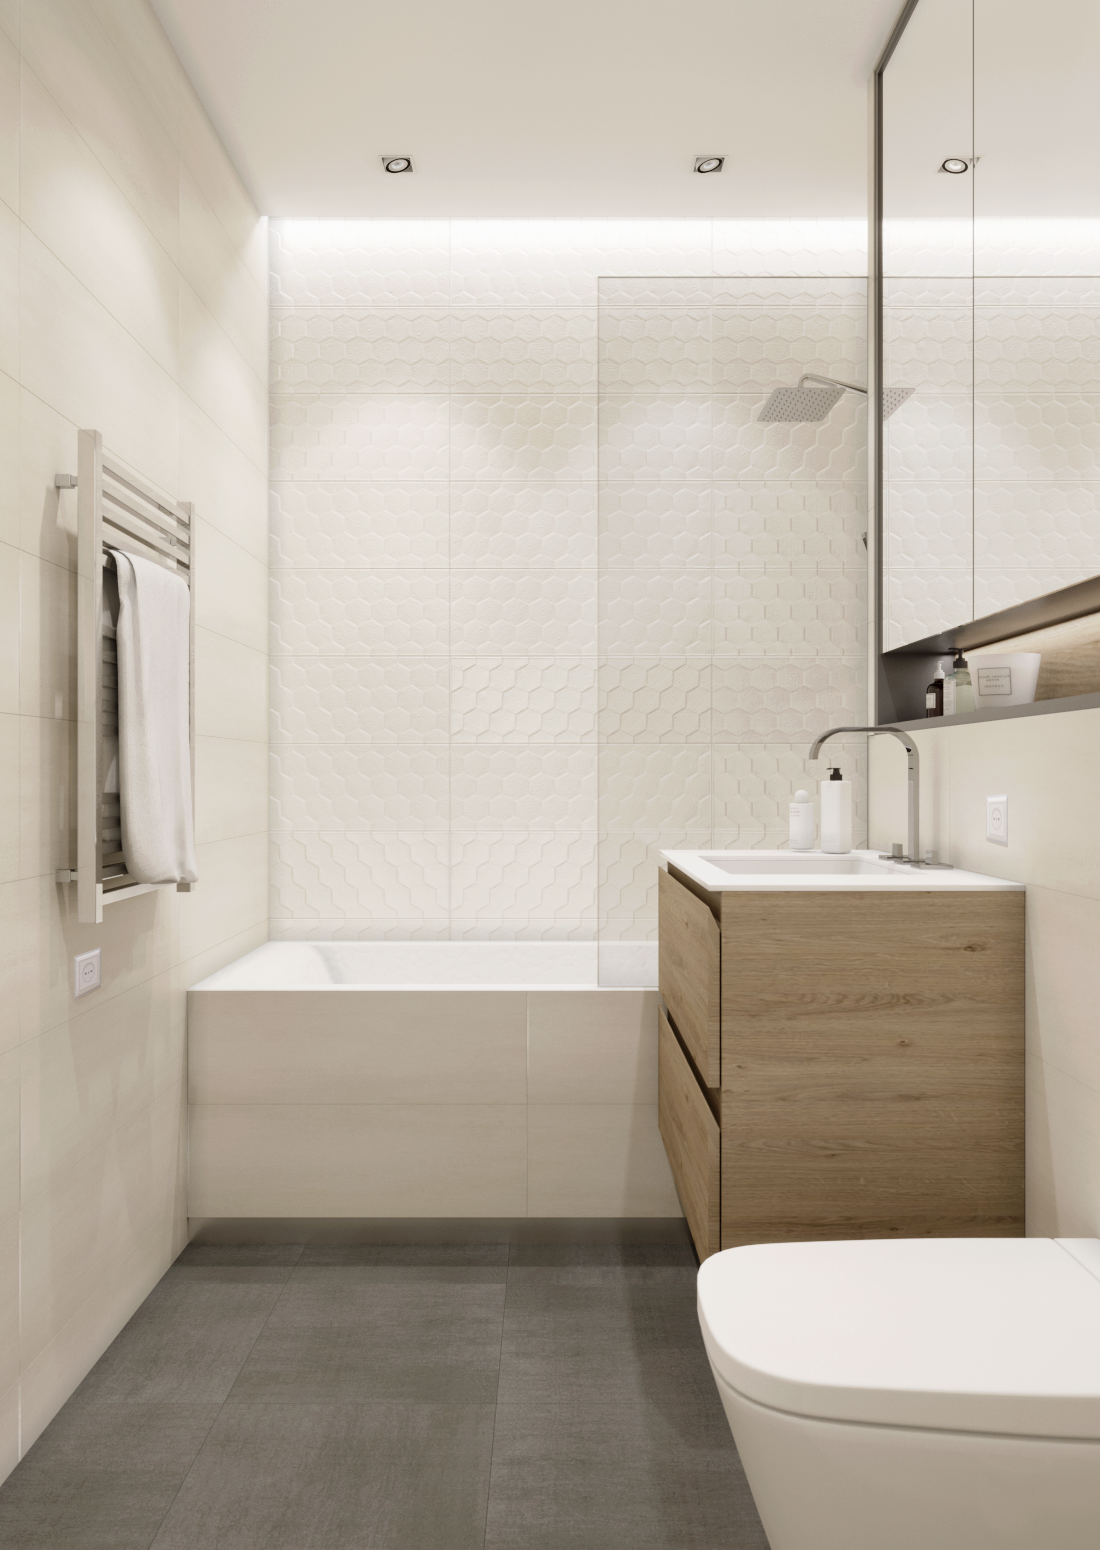 Ванная  комната ракурс 2.png